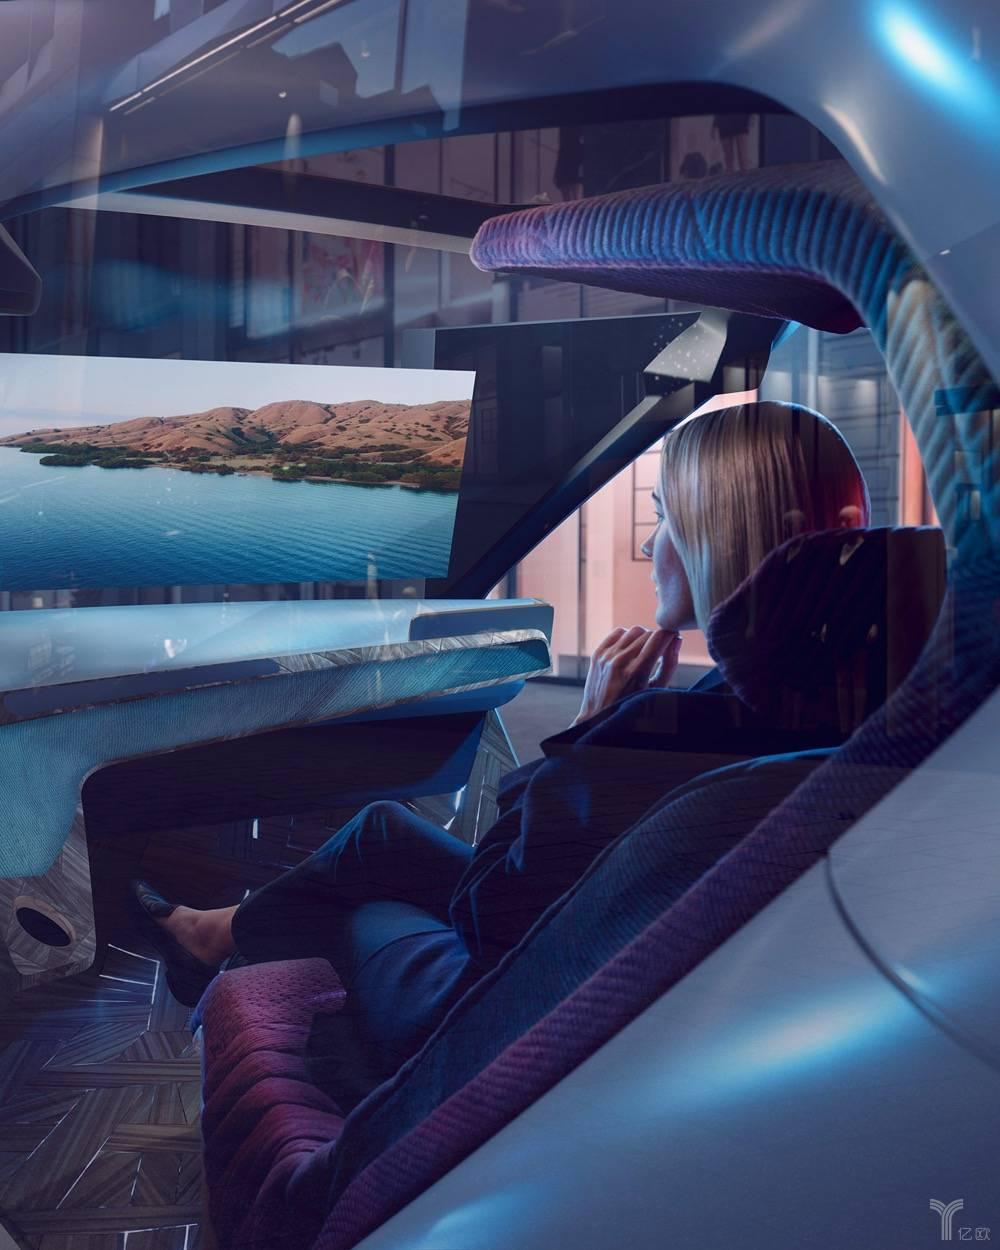 具备多模态交互功能的概念座舱/宝马集团